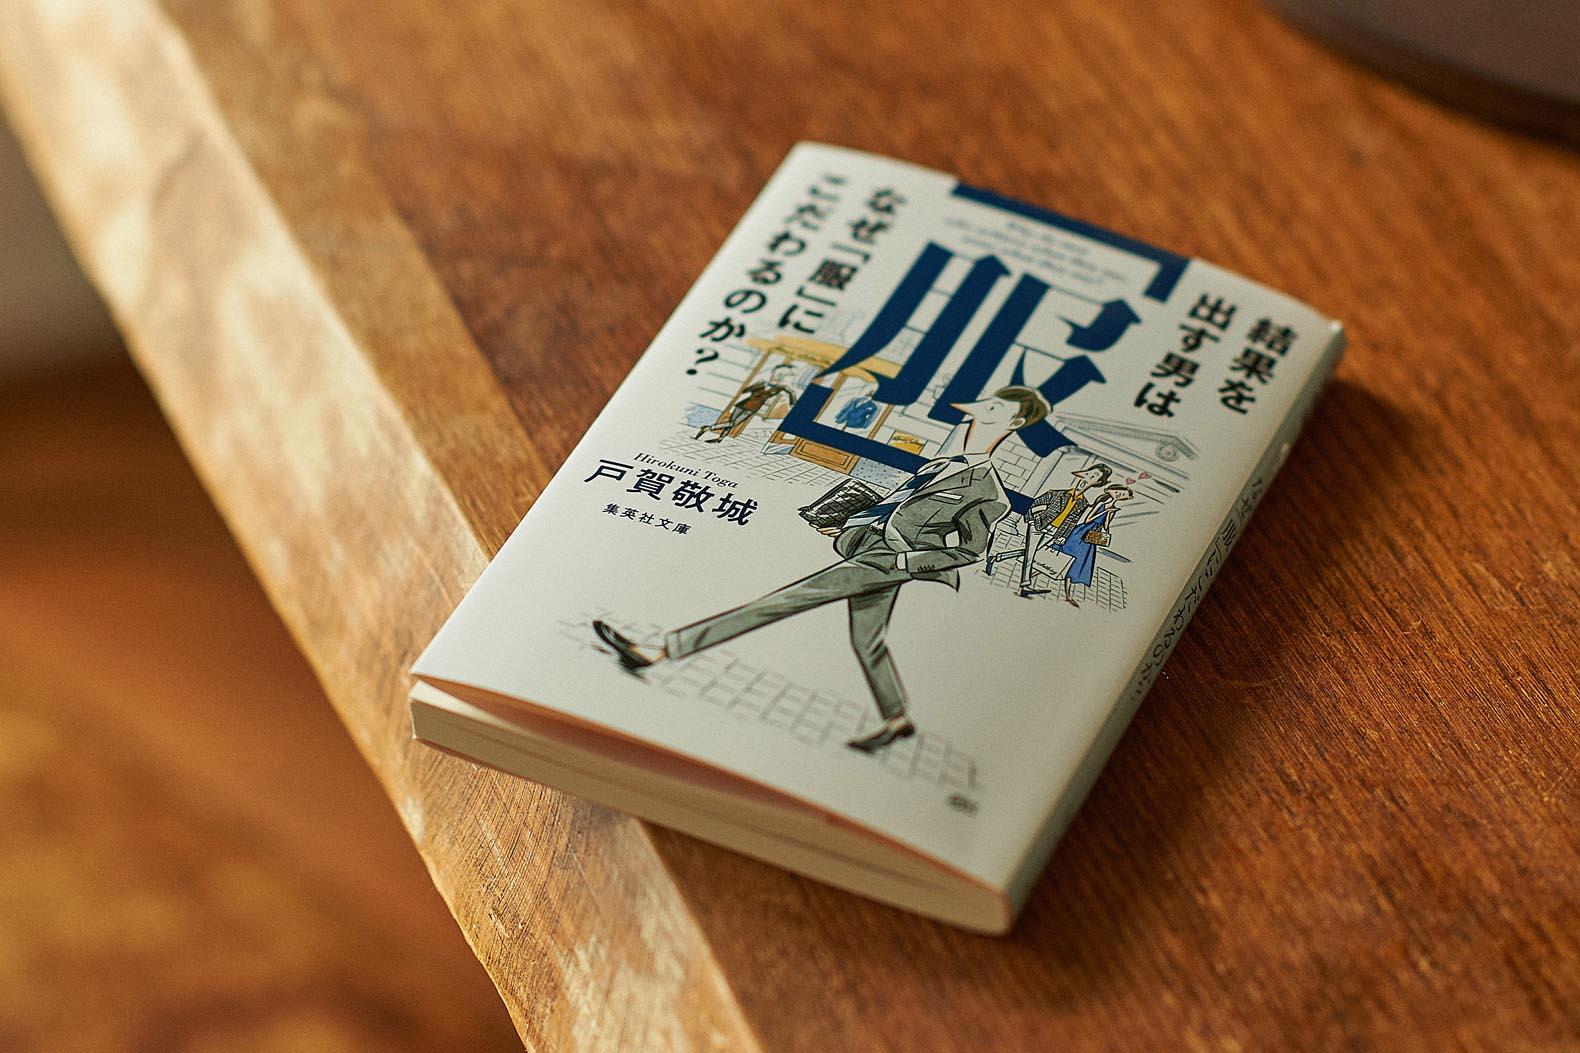 戸賀敬城が、文庫本を発表!